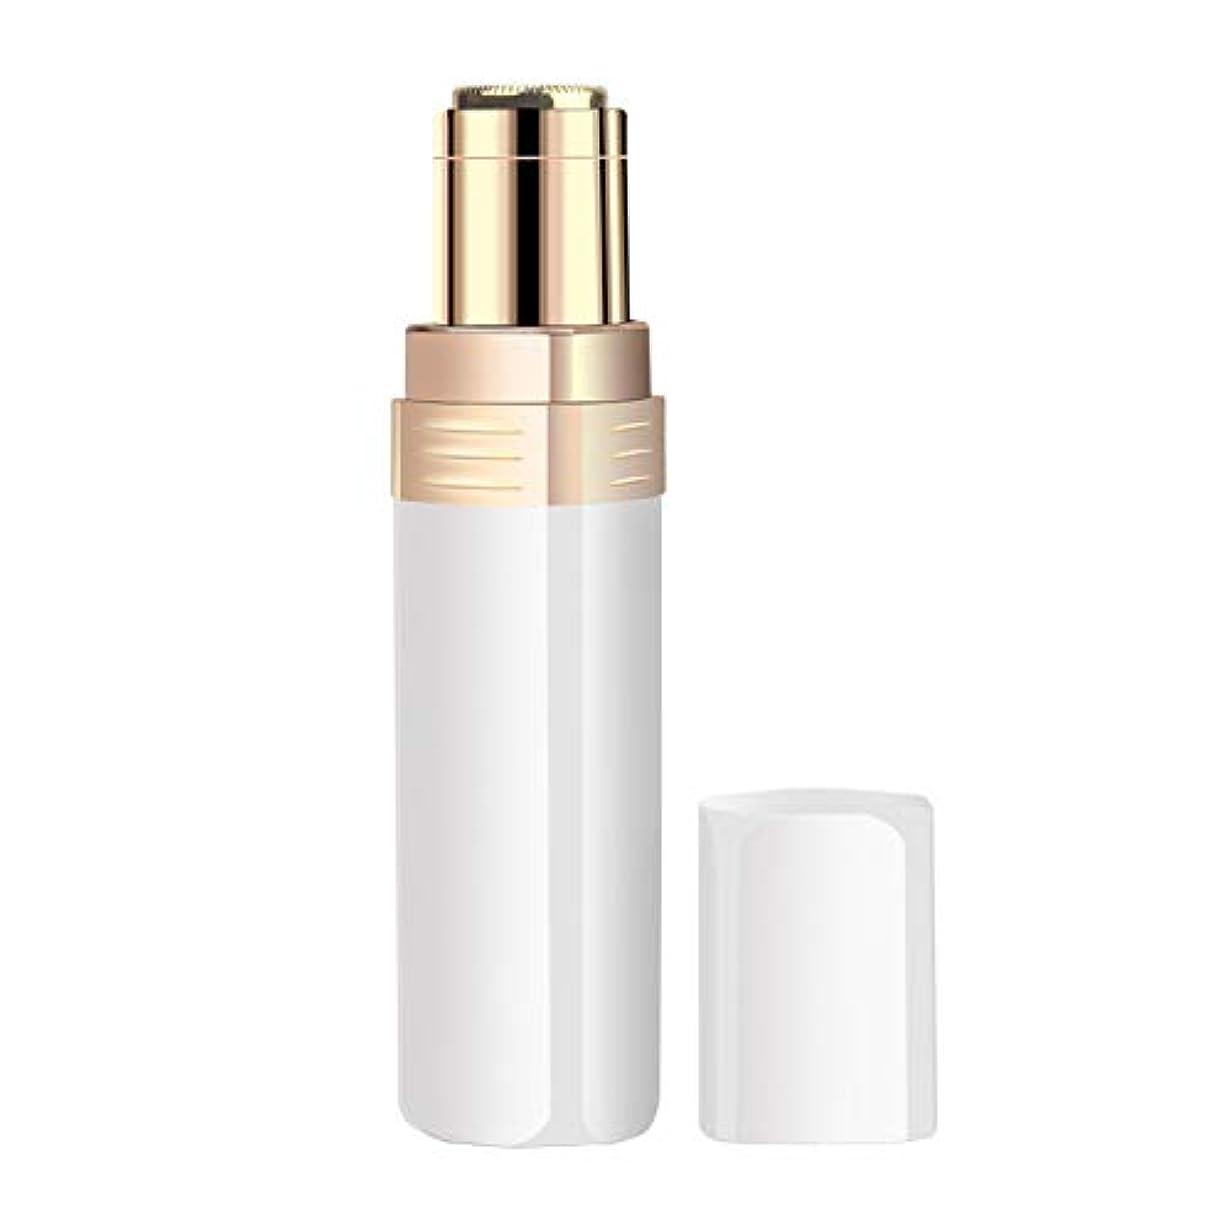 警戒スクラップブック南極ポータブル電気かみそり、USB充電式顔の毛の除去、痛みのない顔の毛トリマー、防水レディース電気シェーバー